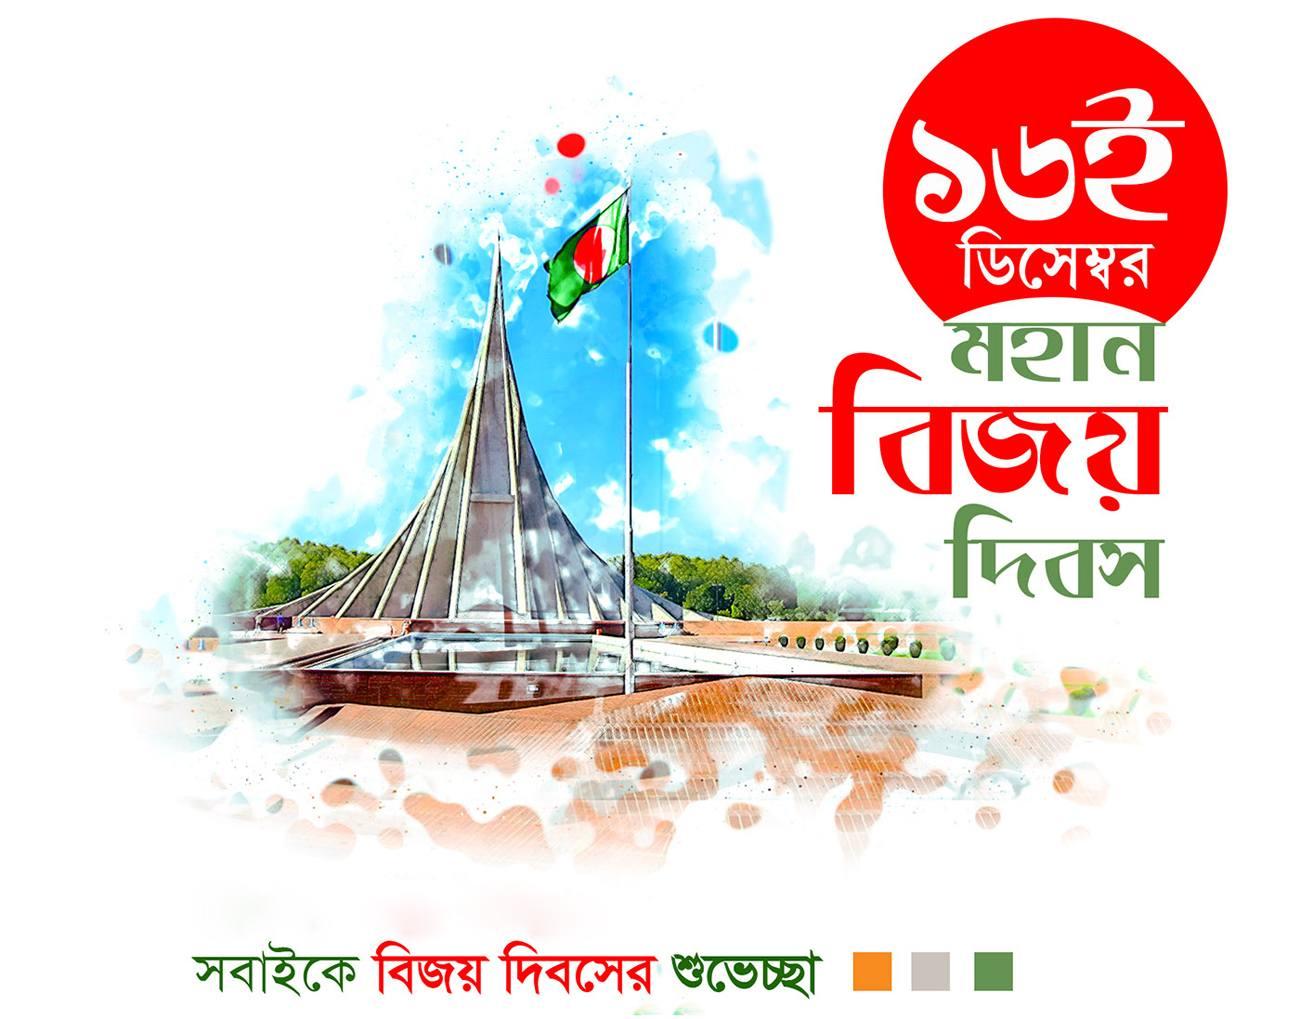 16 December Bijoy Dibosh Picture, SMS, Status, Flag Drawing